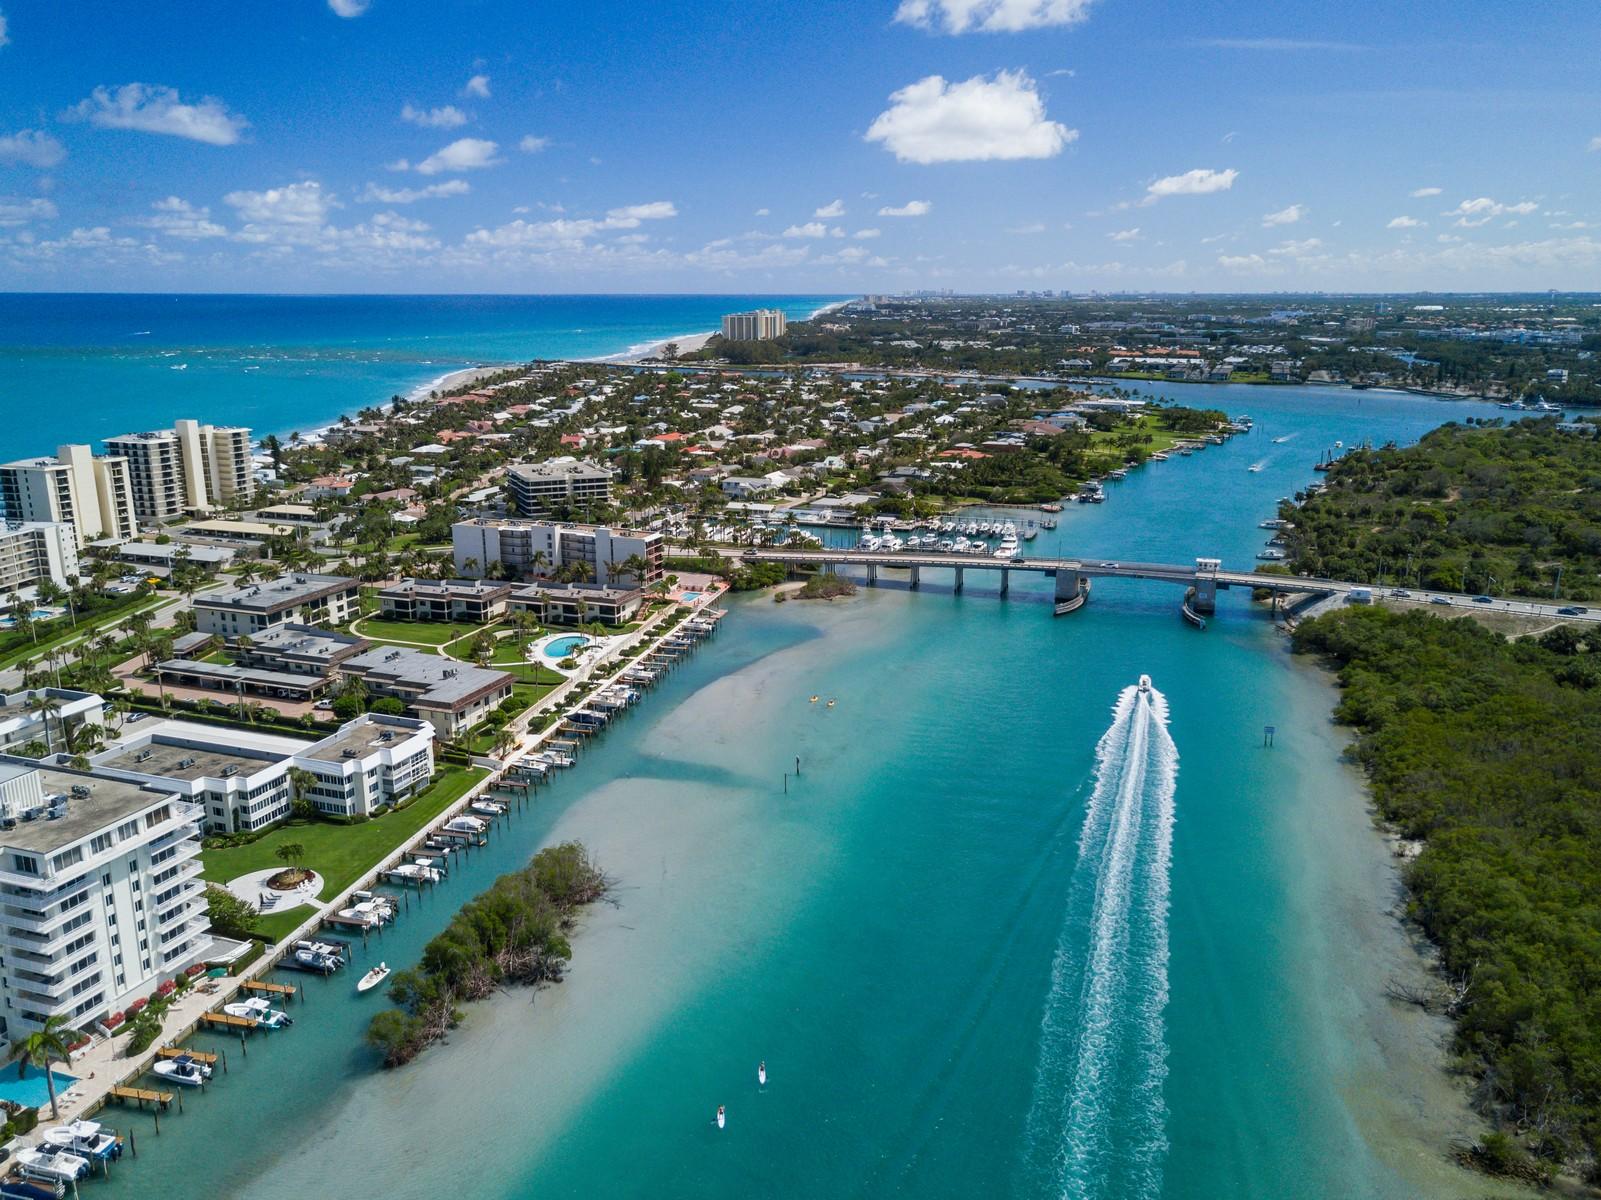 Condominium for Sale at 275 Beach Road C203 Tequesta, Florida, 33469 United States